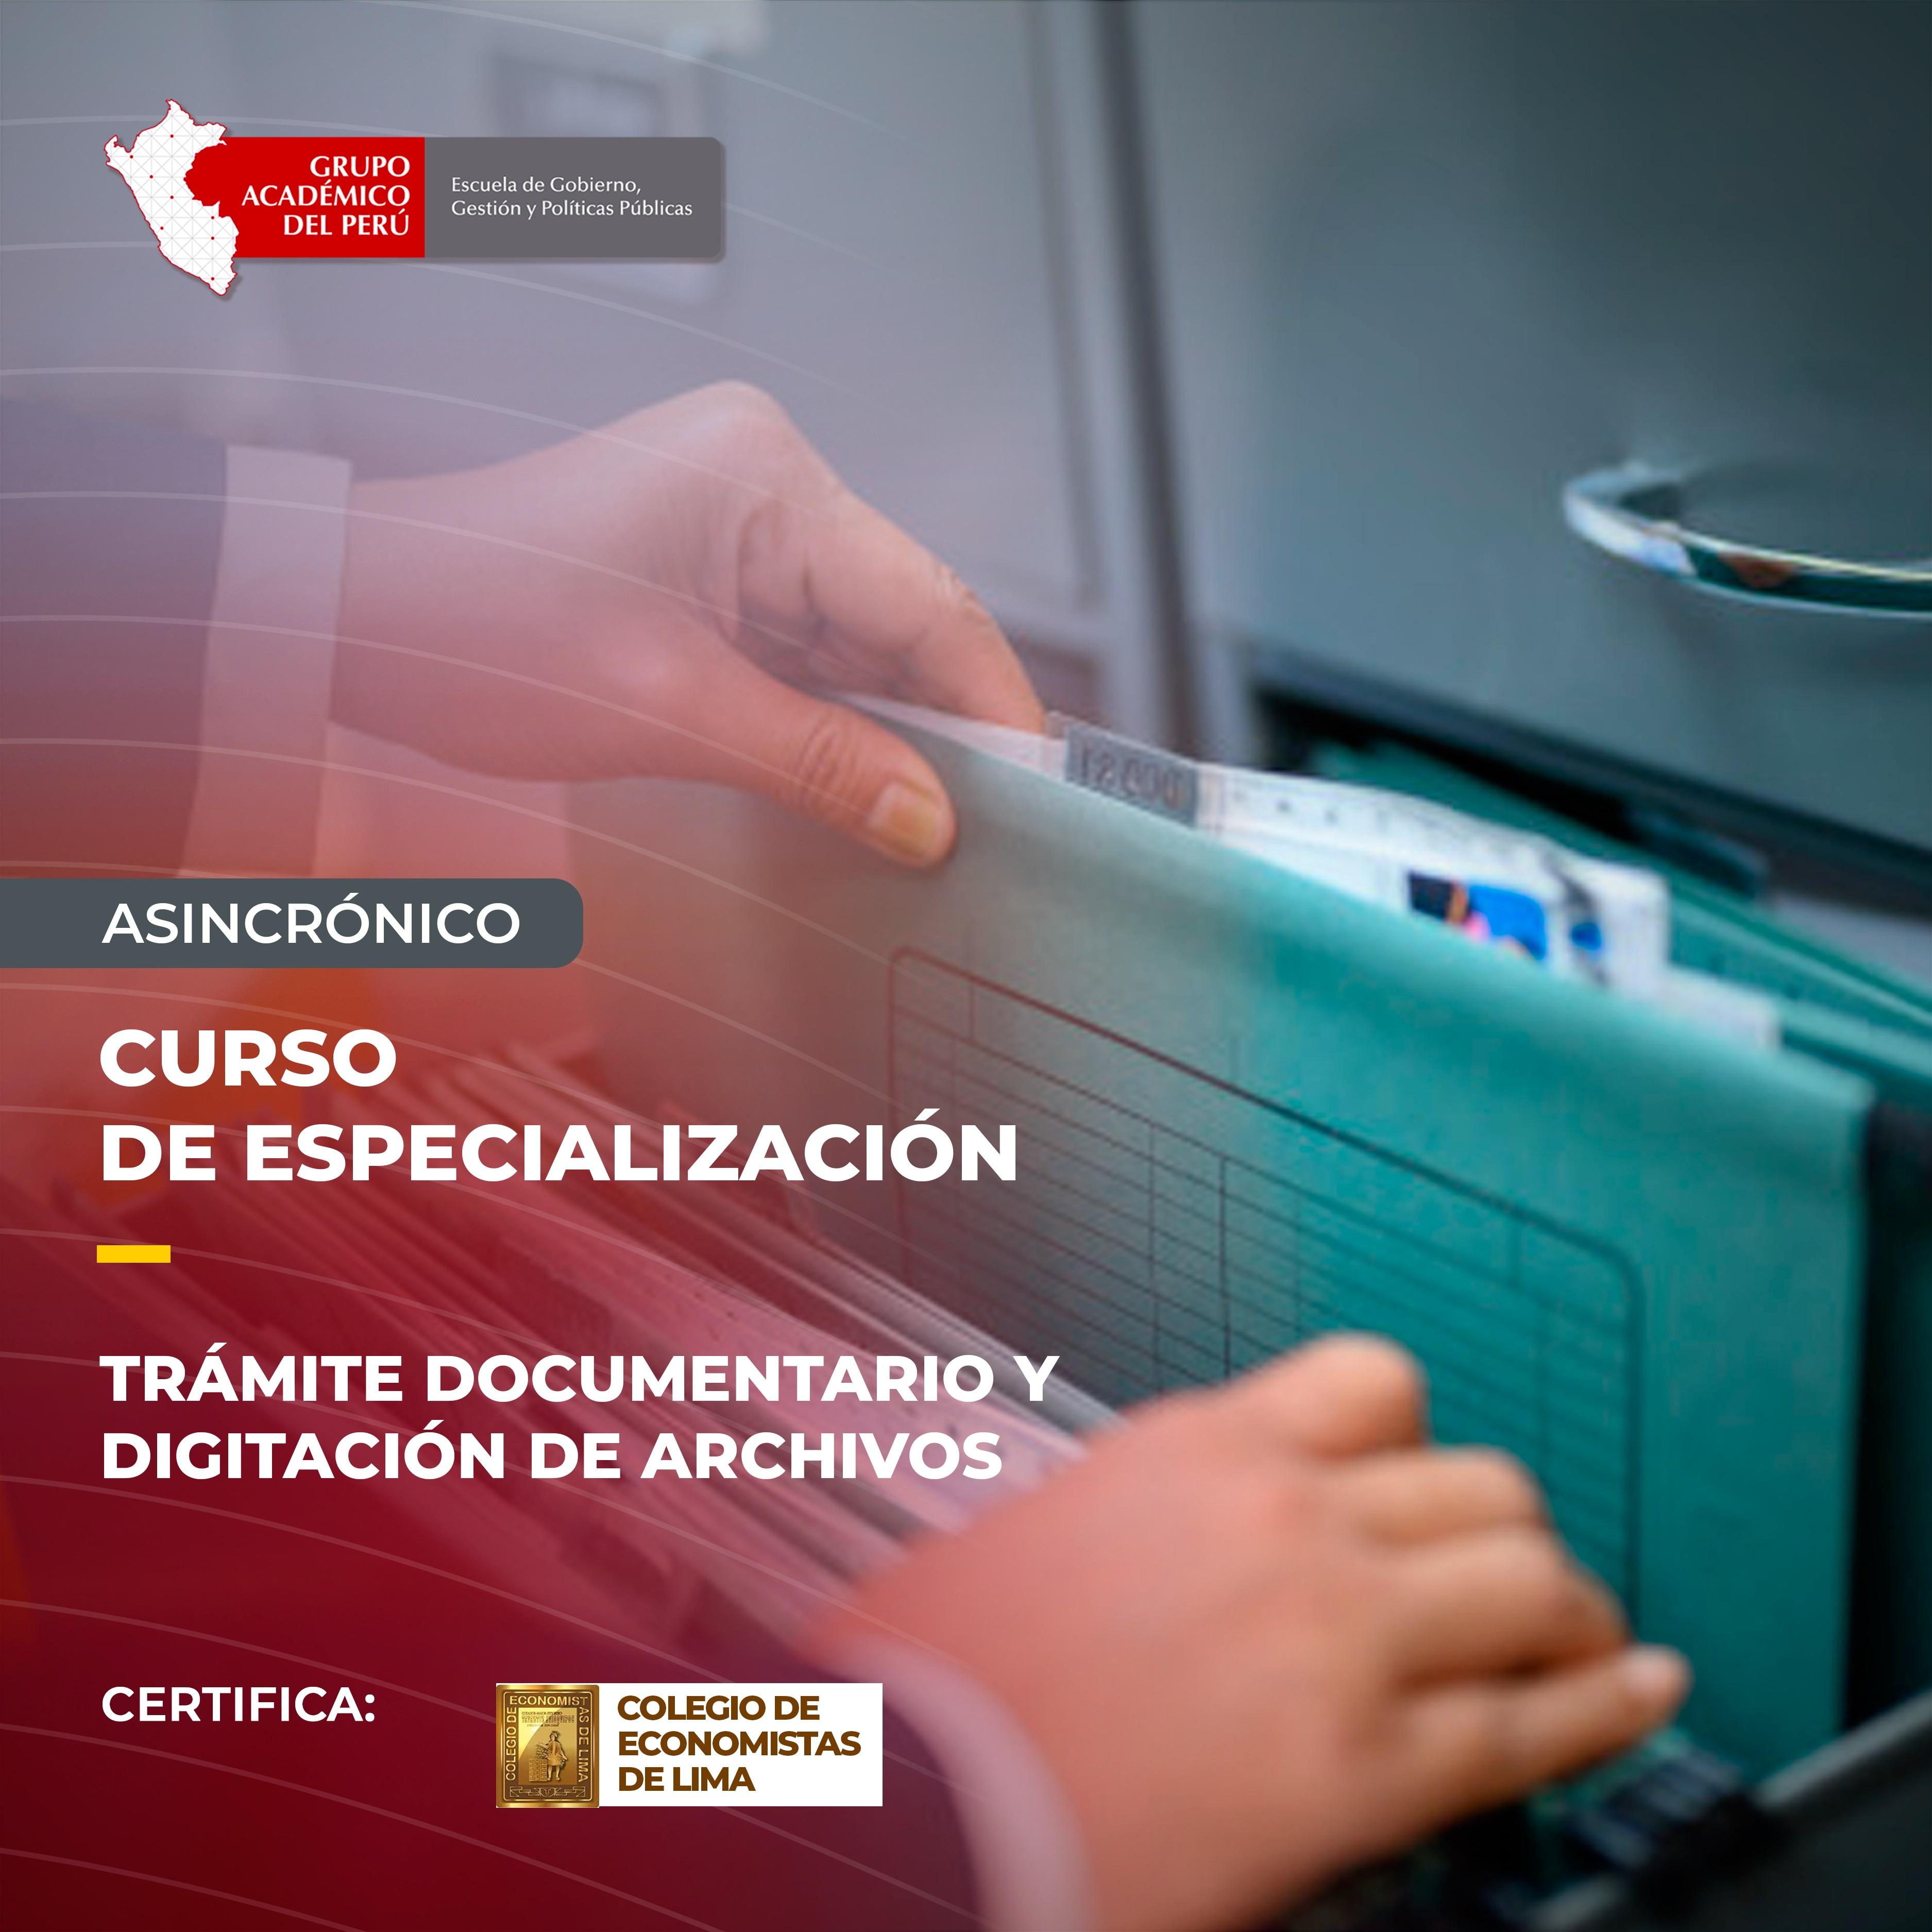 Tramite Documentario y Digitalización